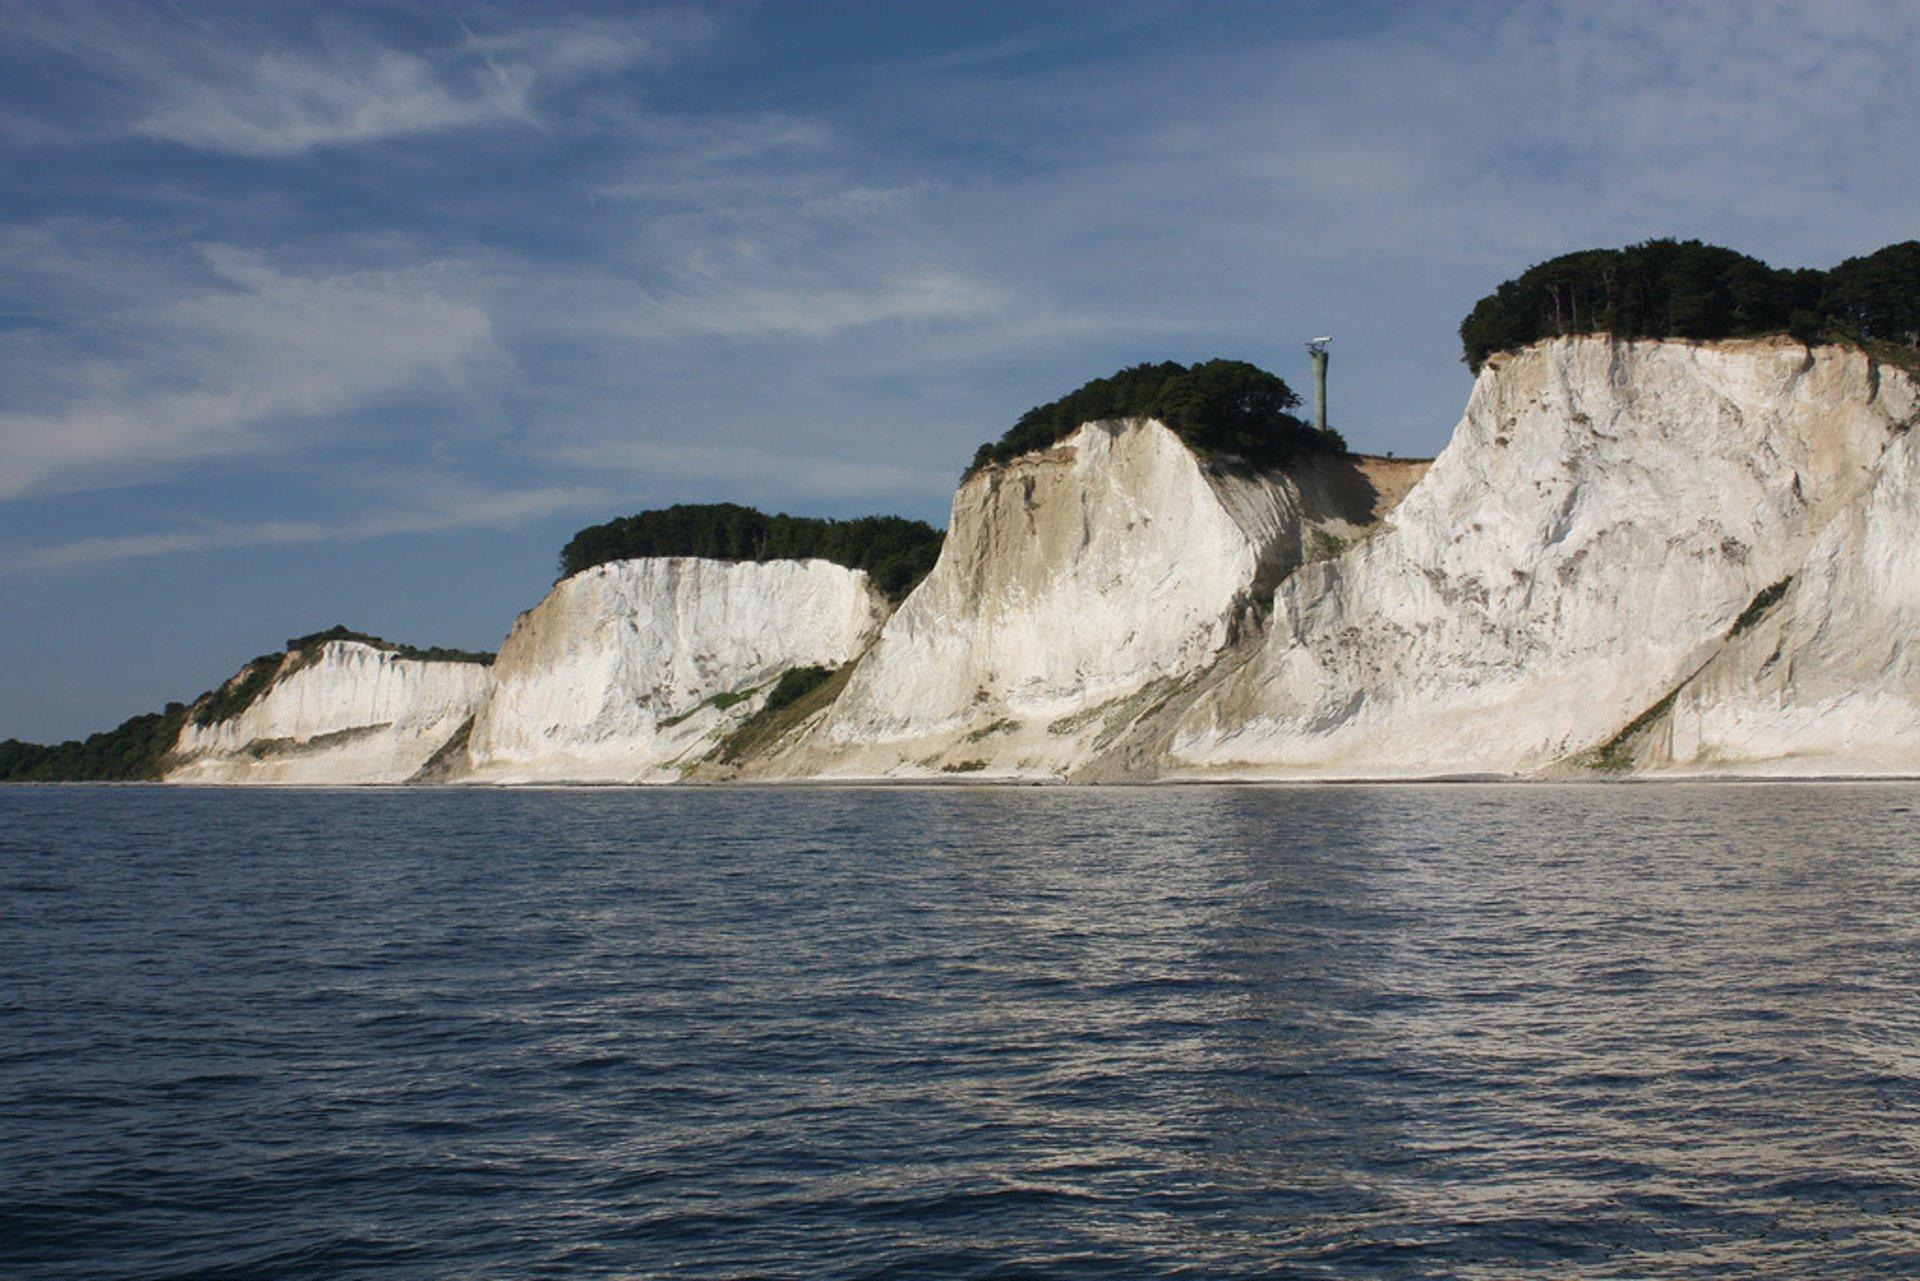 Best time to see White Cliffs of Møns Klint in Denmark 2020